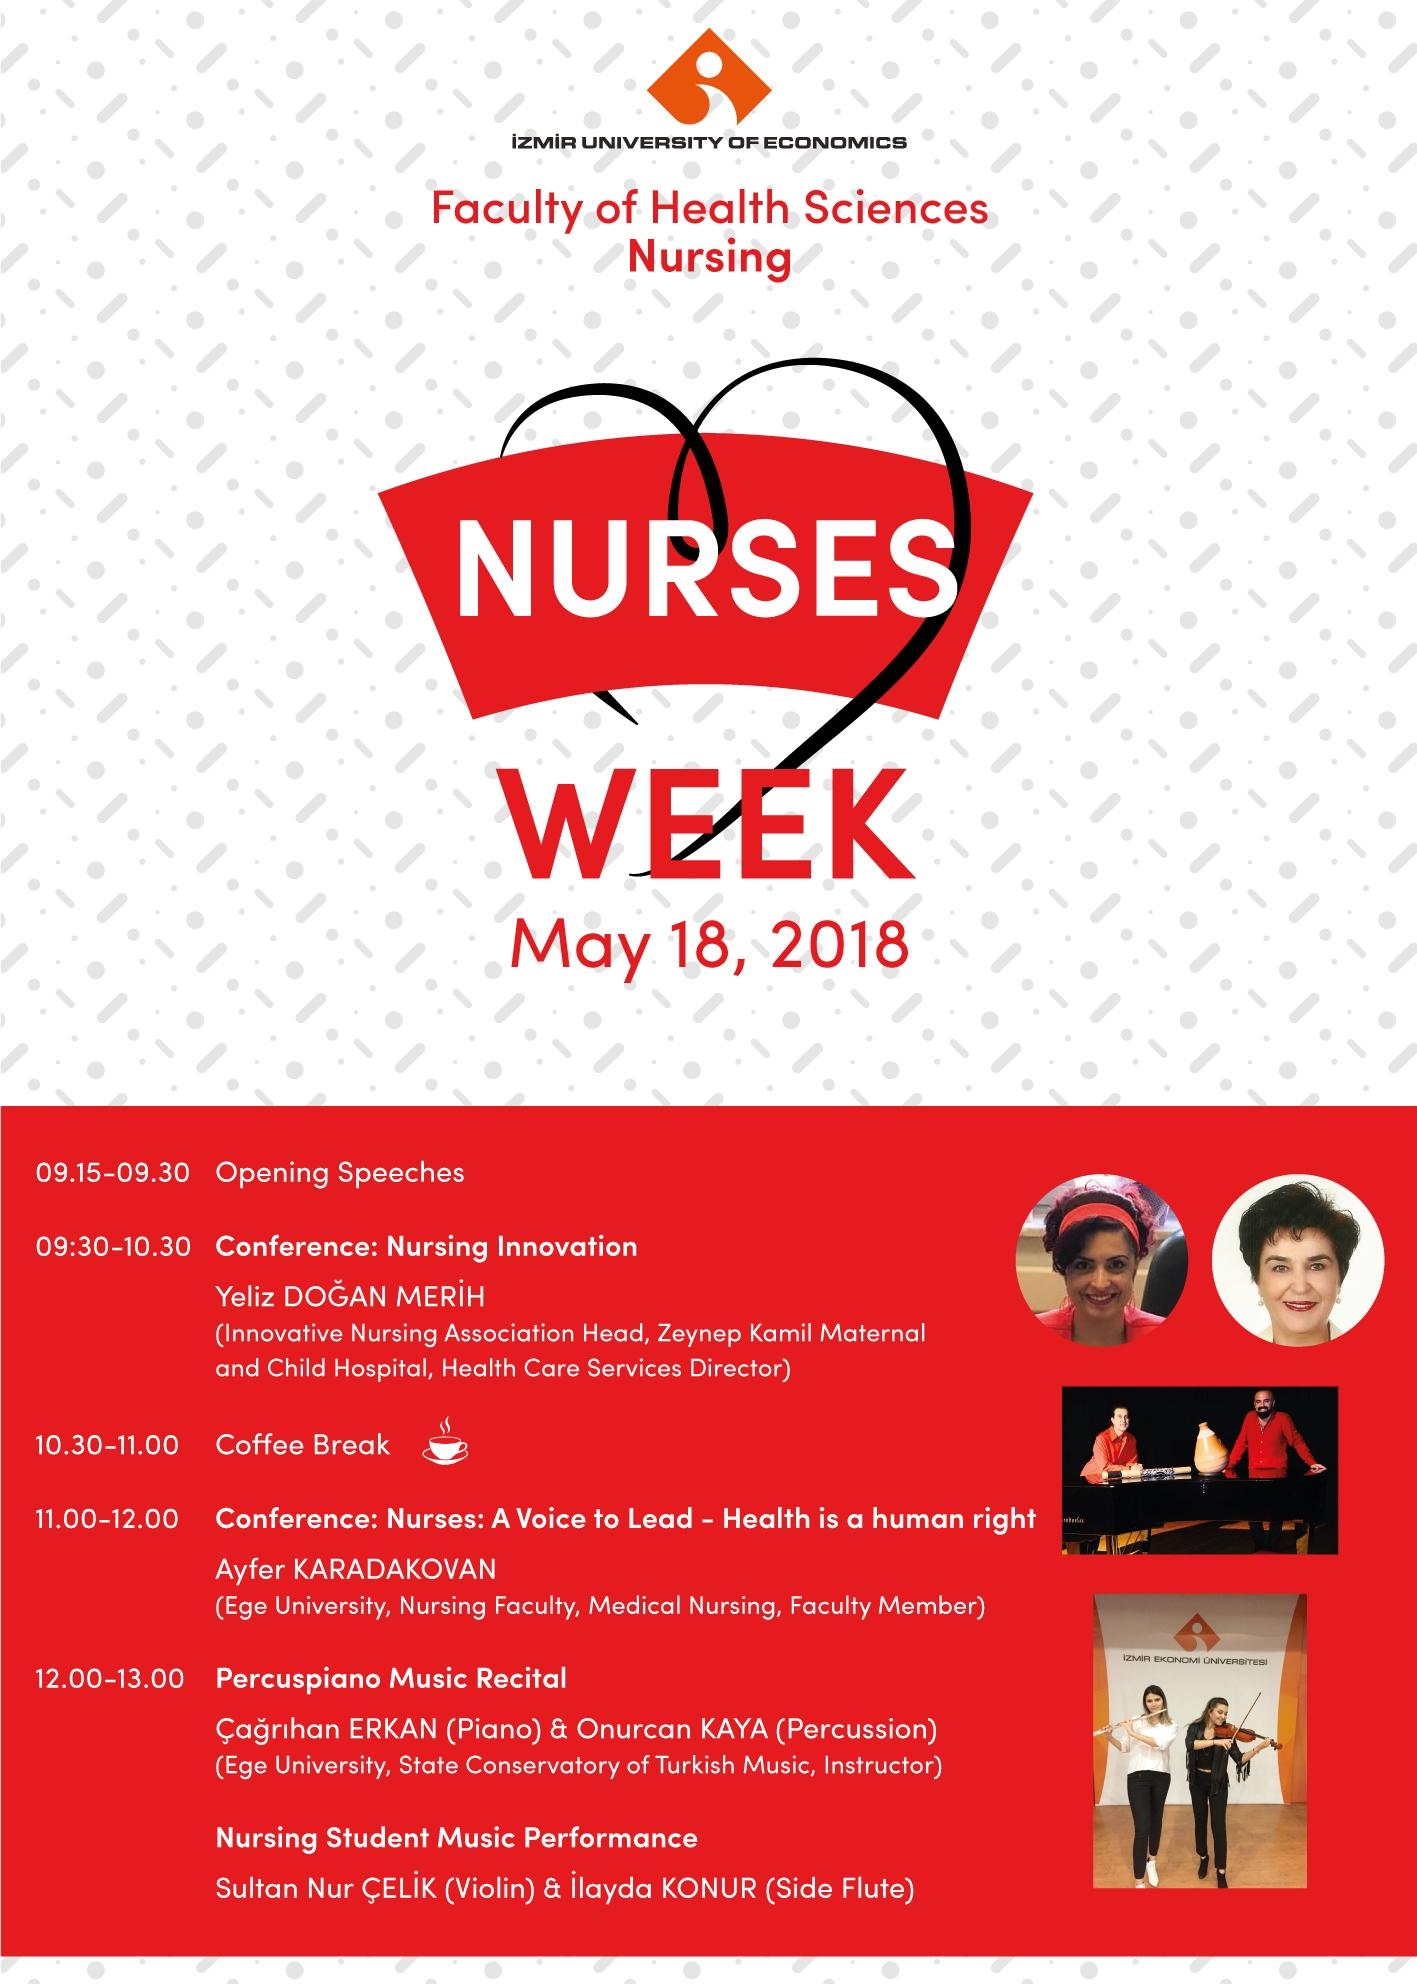 12-18 MAYIS FLORENCE NIGHTINGALE HEMŞİRELİK HAFTASI ETKİNLİĞİ